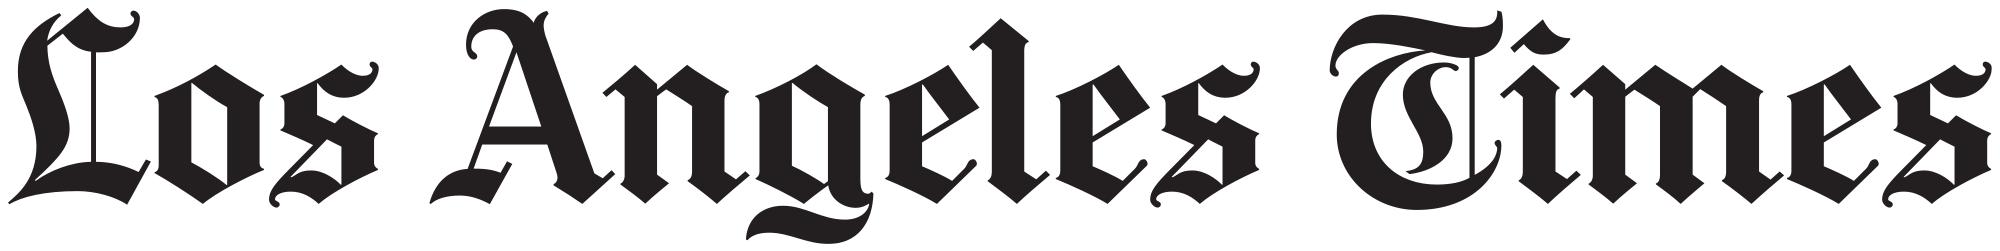 la-times-logo.png